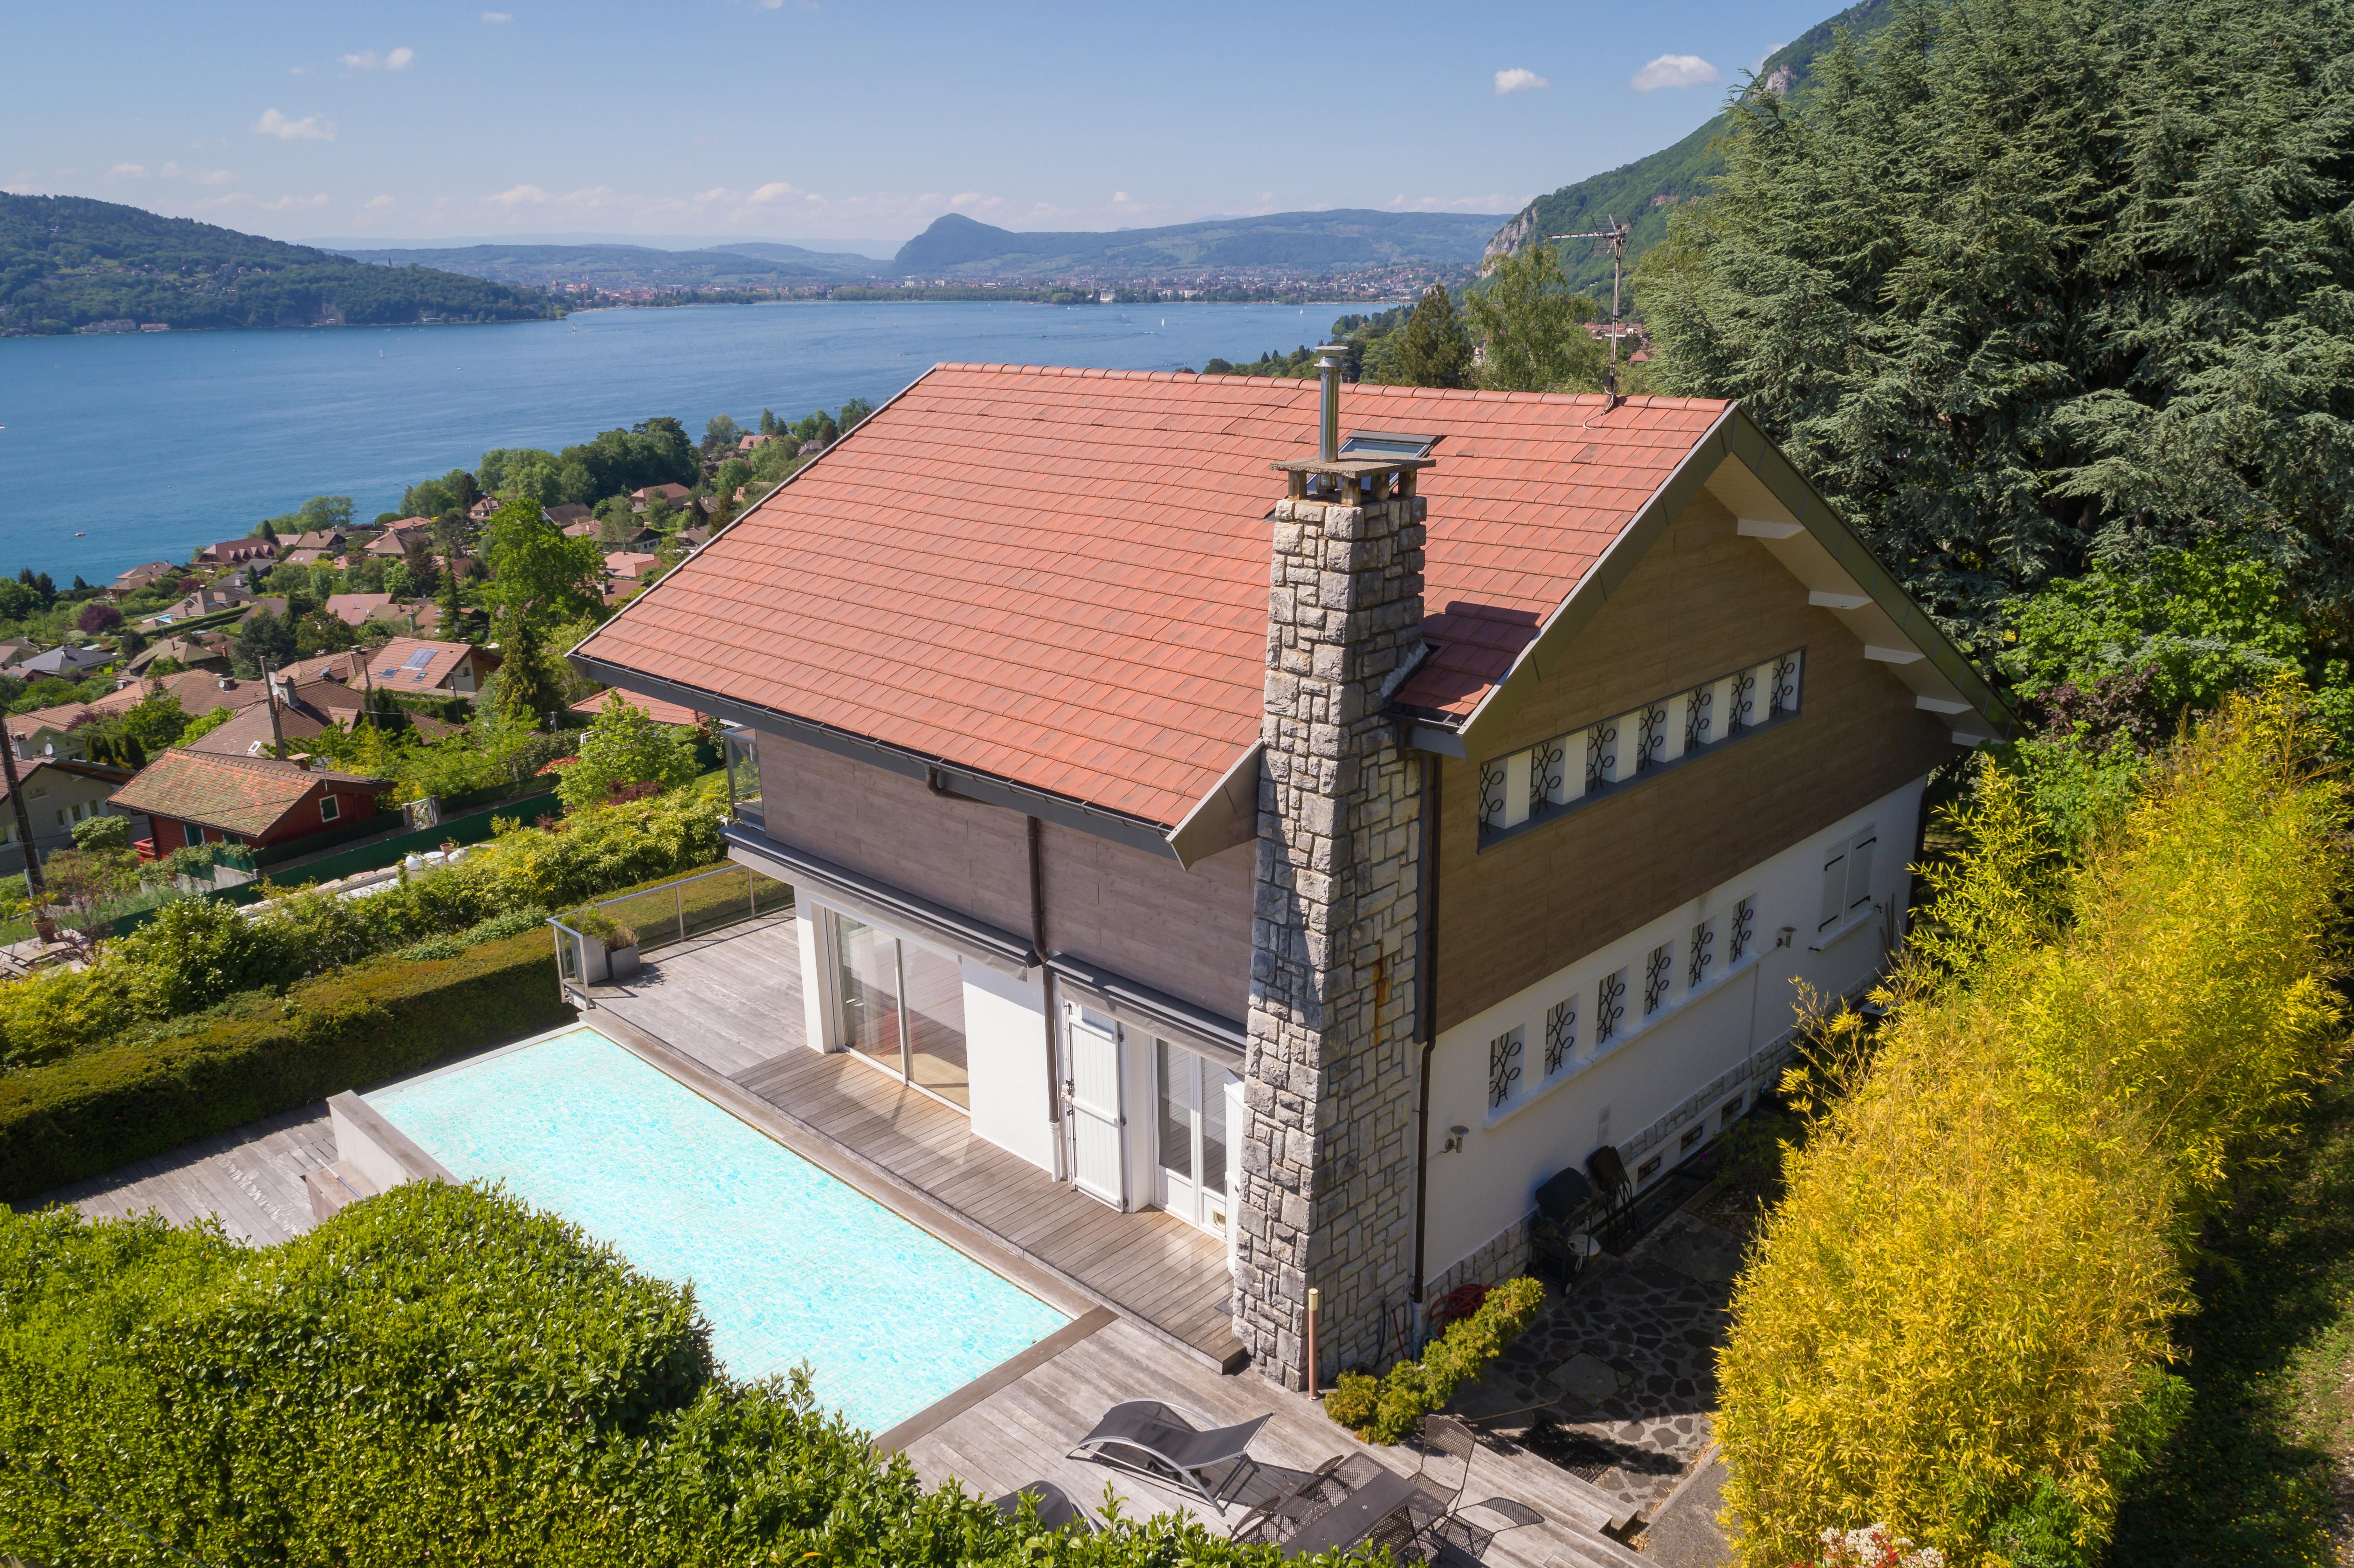 Maison 6 pi ces avec vue panoramique sur le lac et piscine chauff esweet property agence - Maison avec vue lac lands end ...